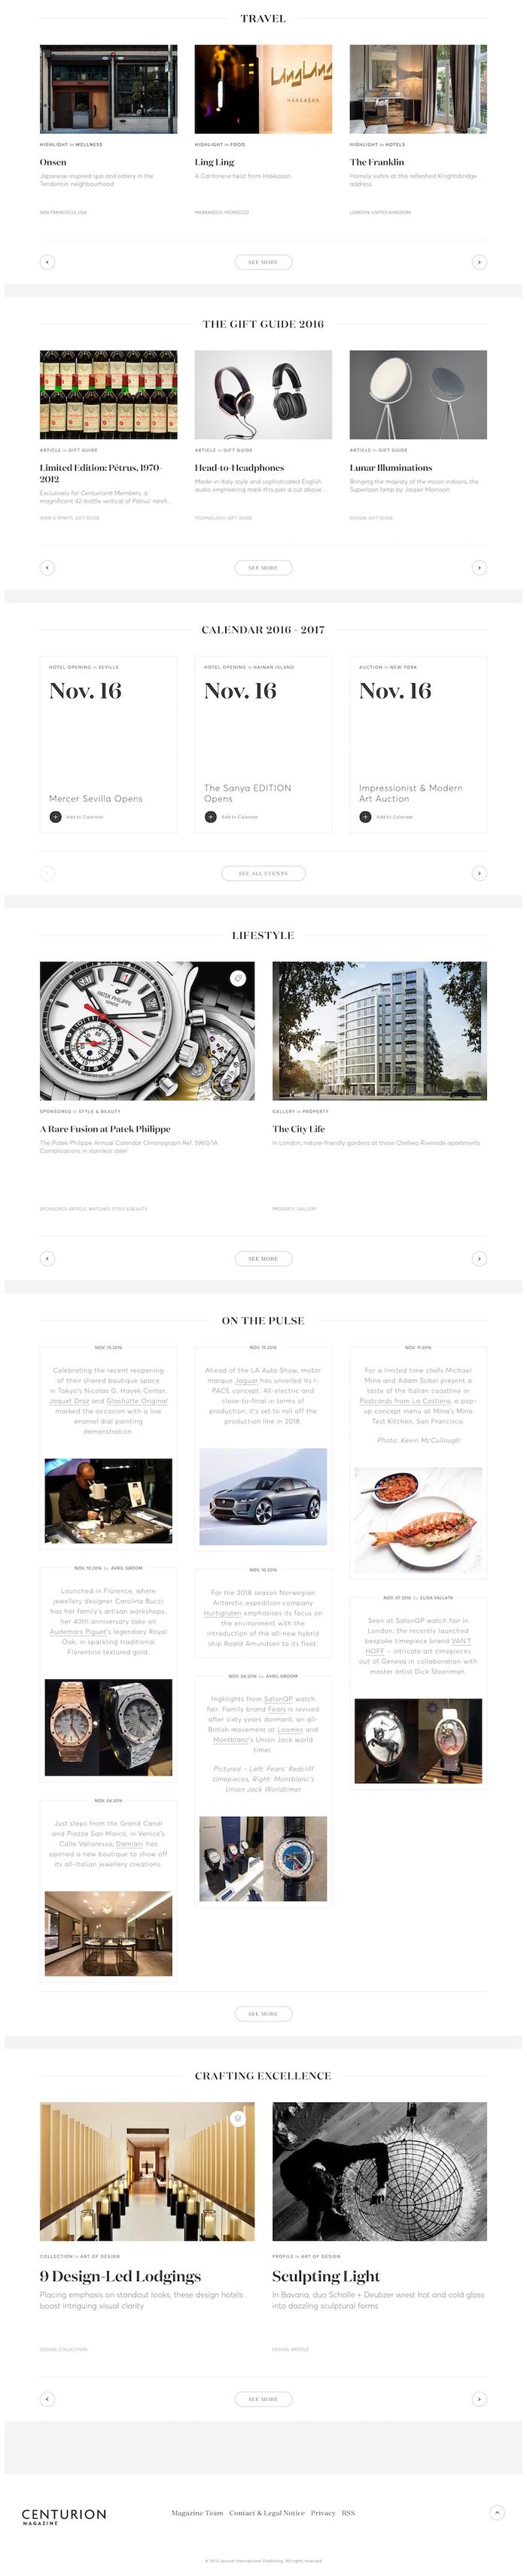 Centurion online magazine 3